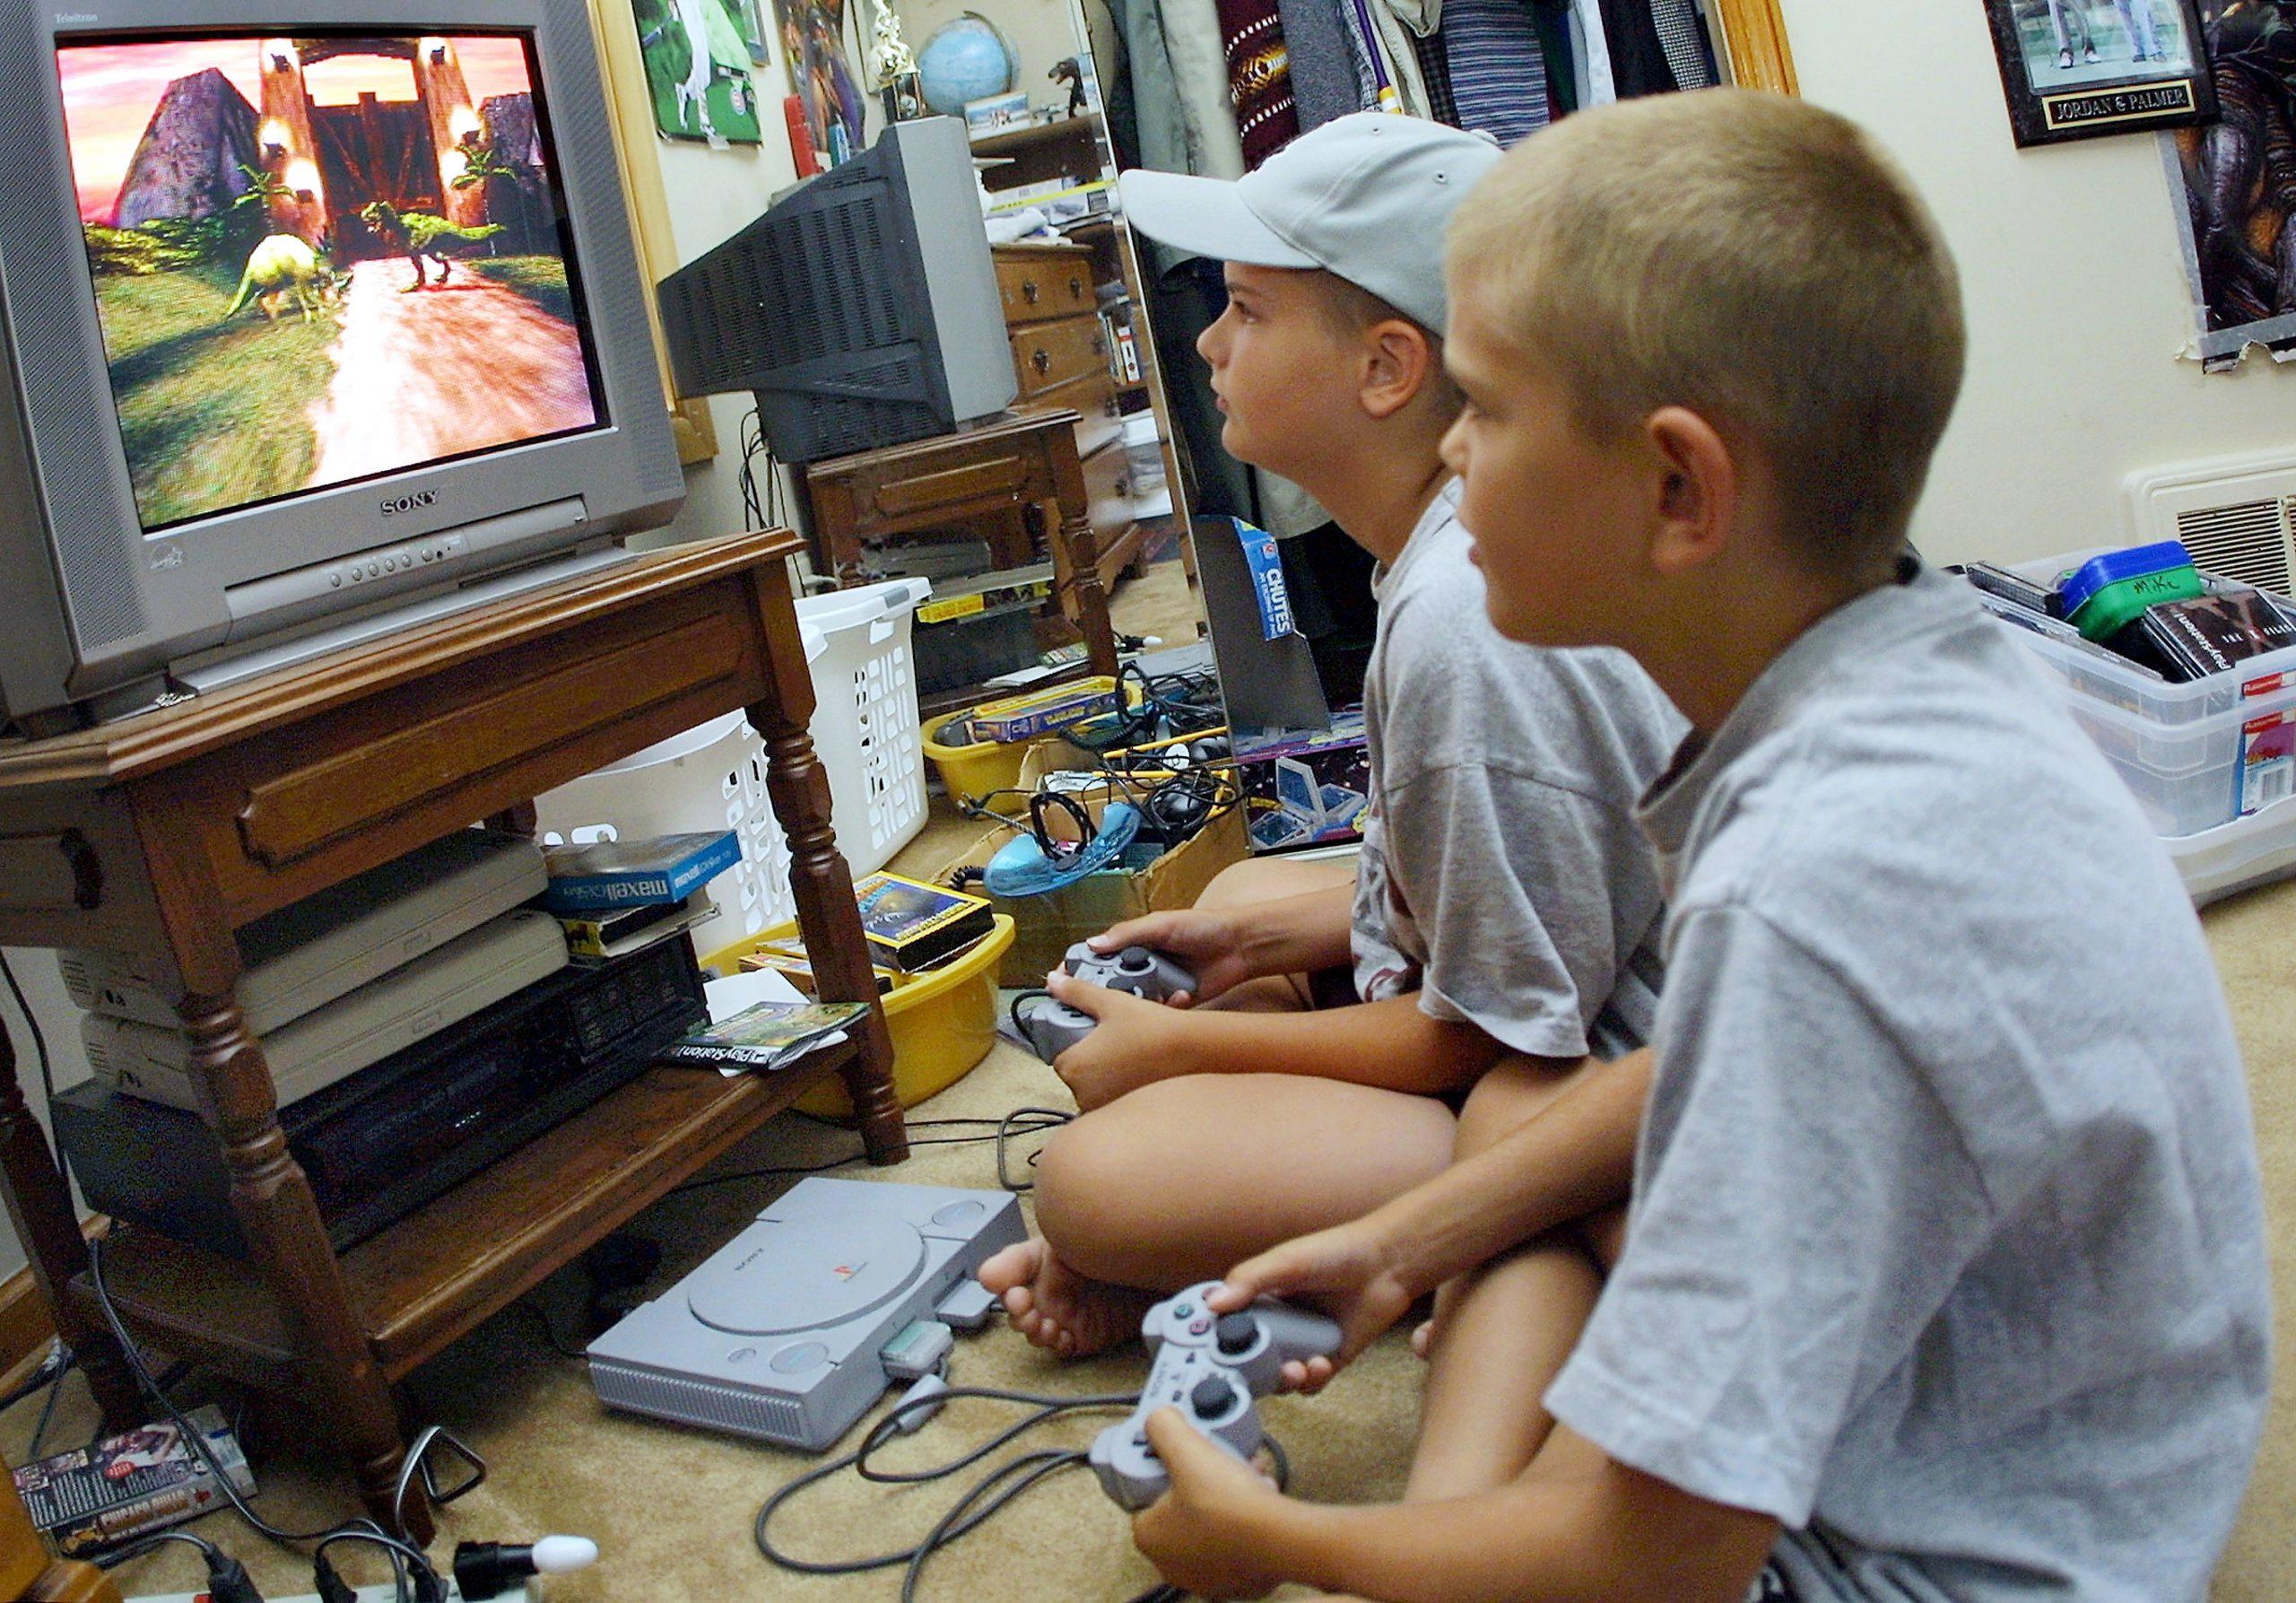 ¡Que regresen! 10 videojuegos de nuestra infancia que nos gustaría volver a jugar